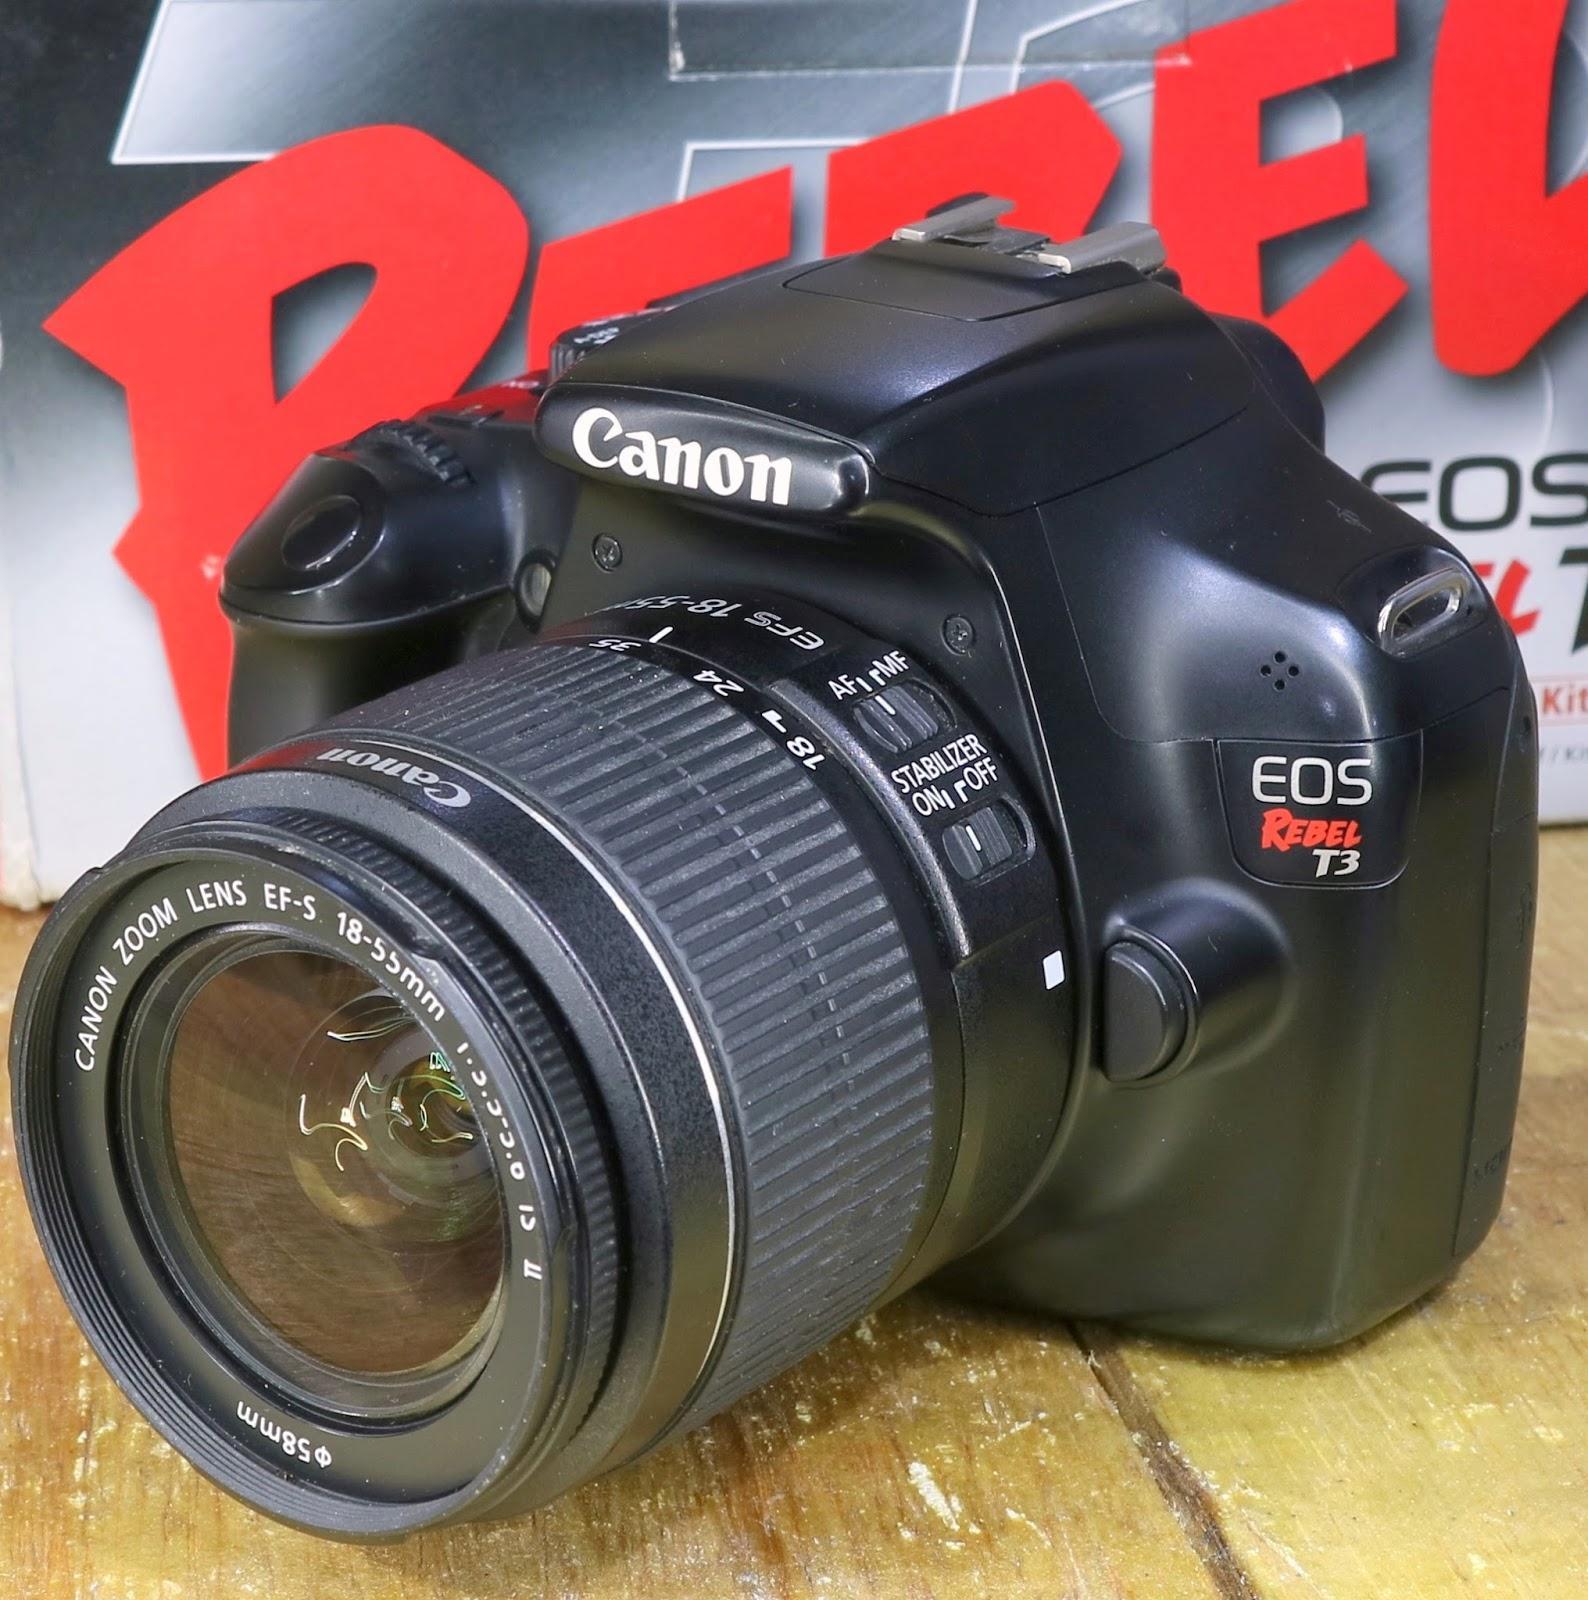 Jual Kamera Canon Eos Rebel T3 1100d Fullset Jual Beli Laptop